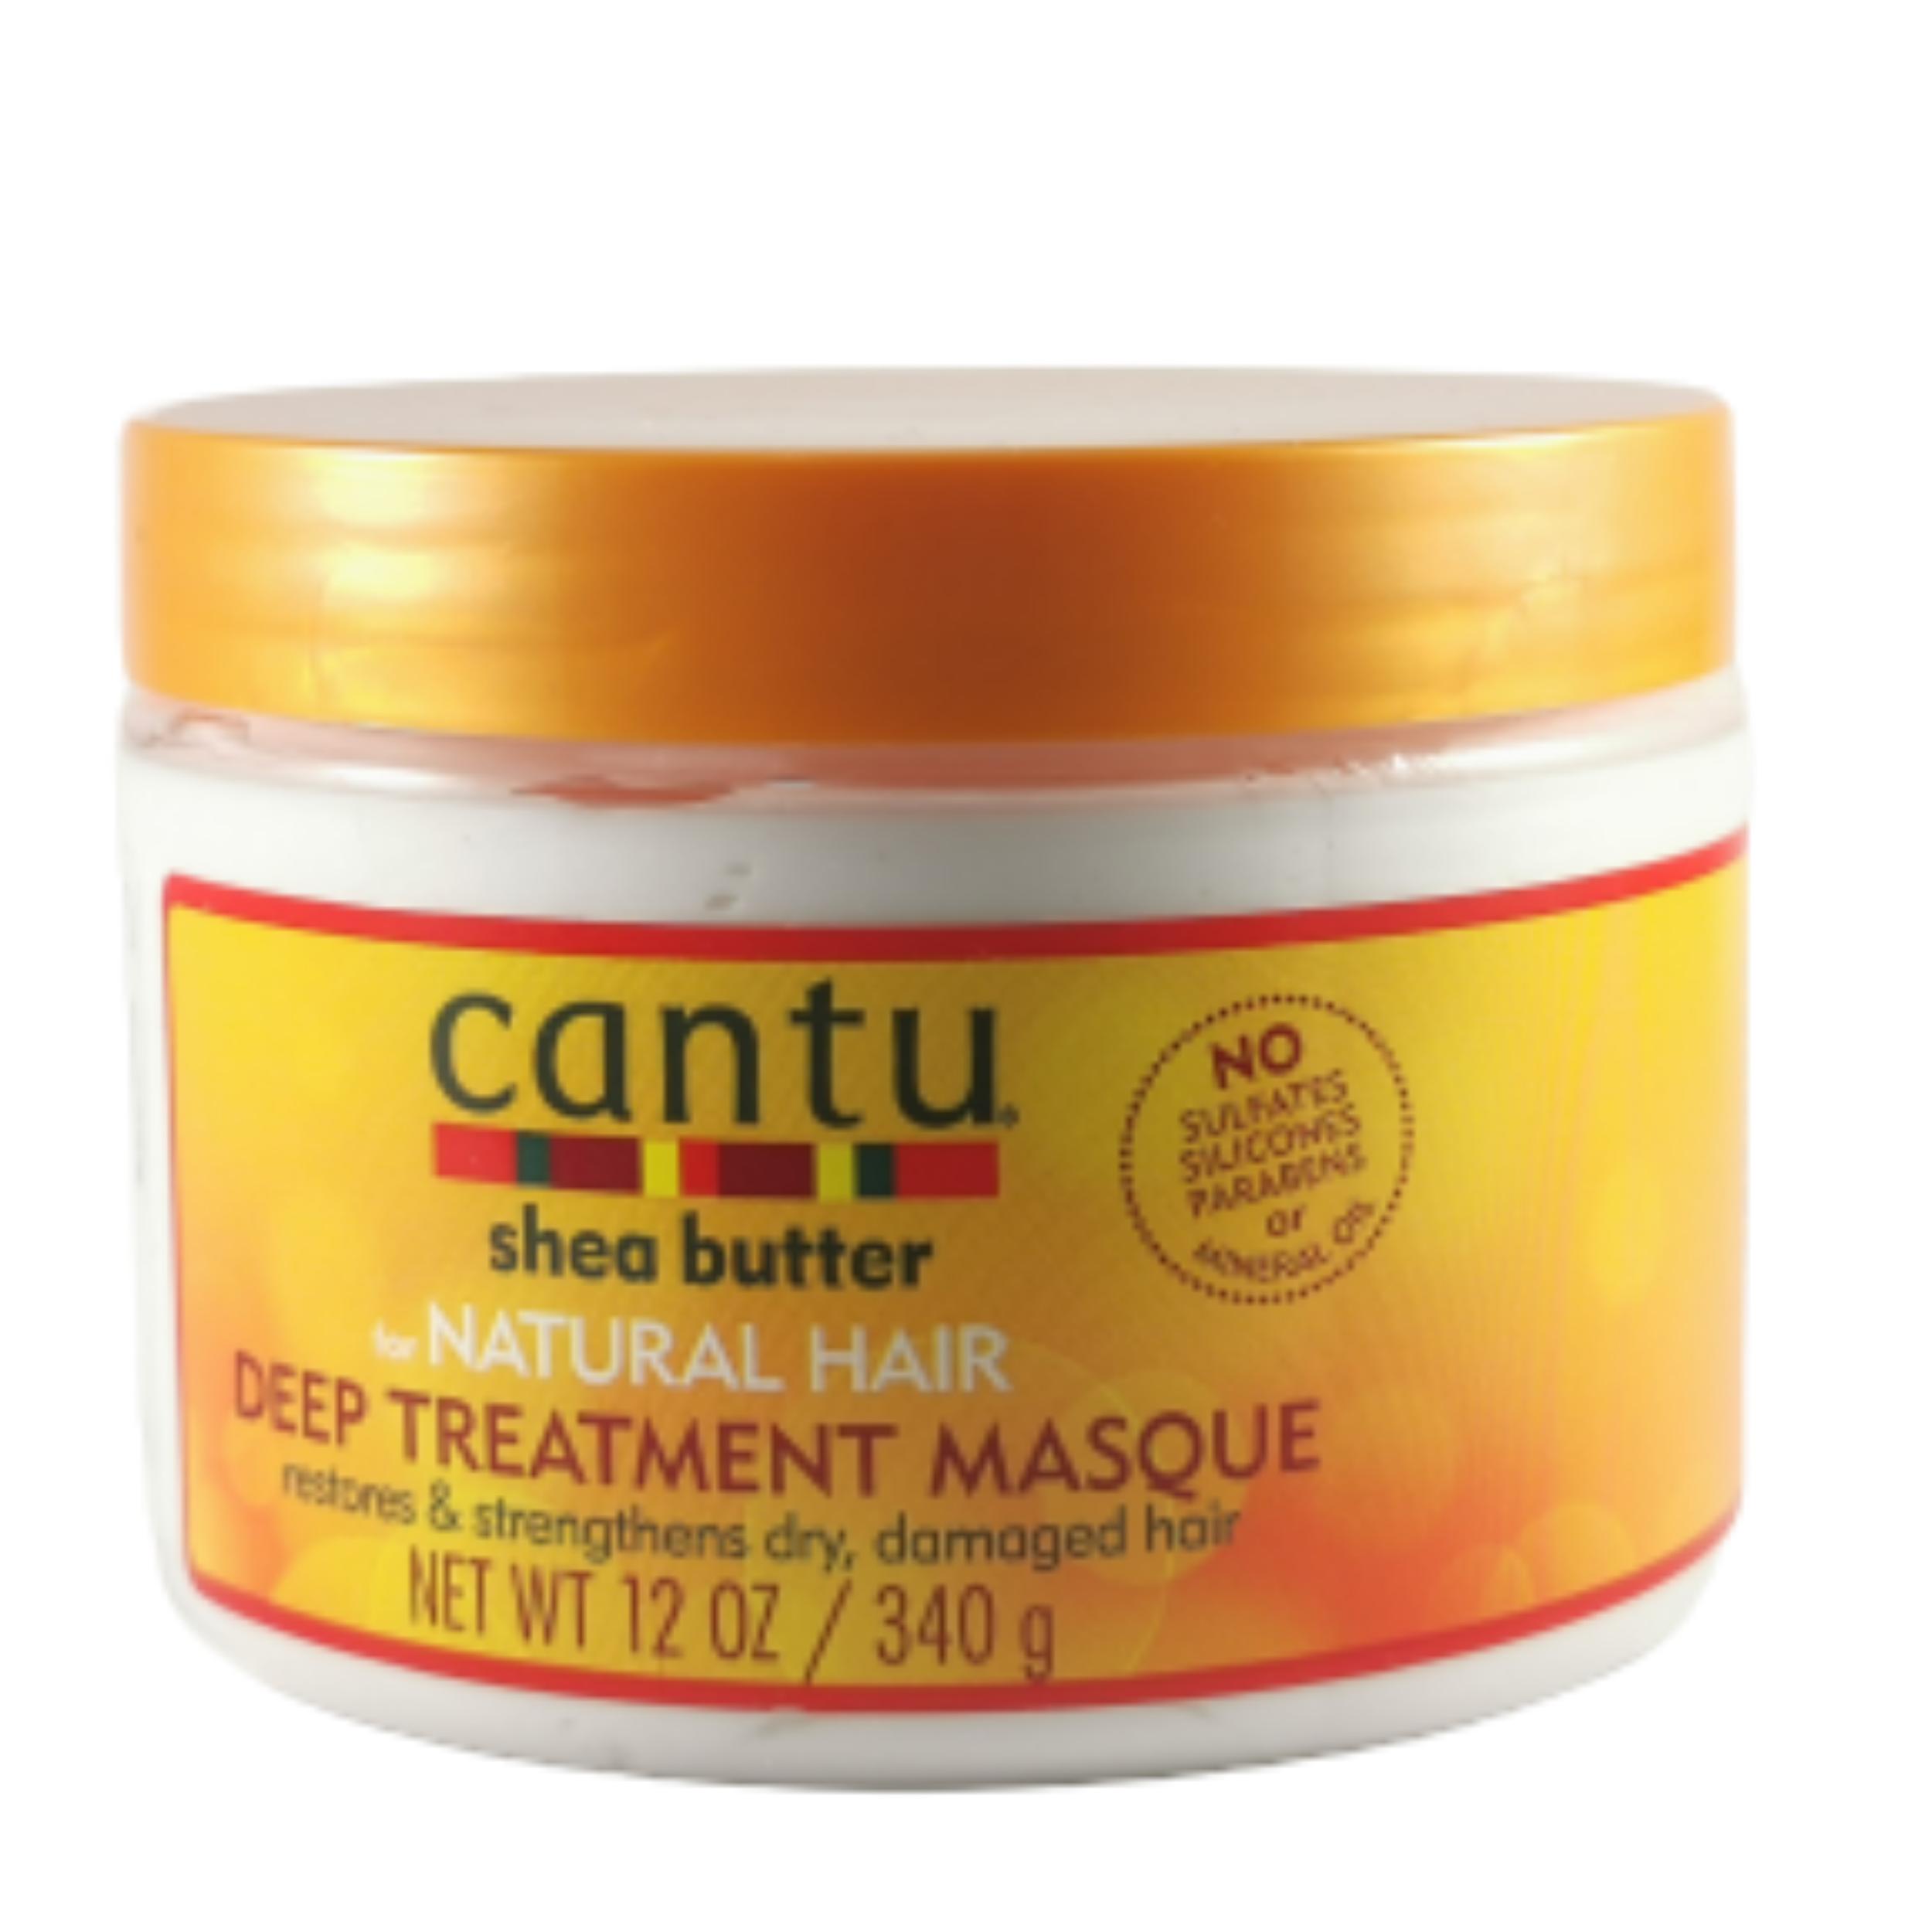 Masque capillaire intensif. Pénètre la fibre pour réparer vos cheveux abîmés - CANTU